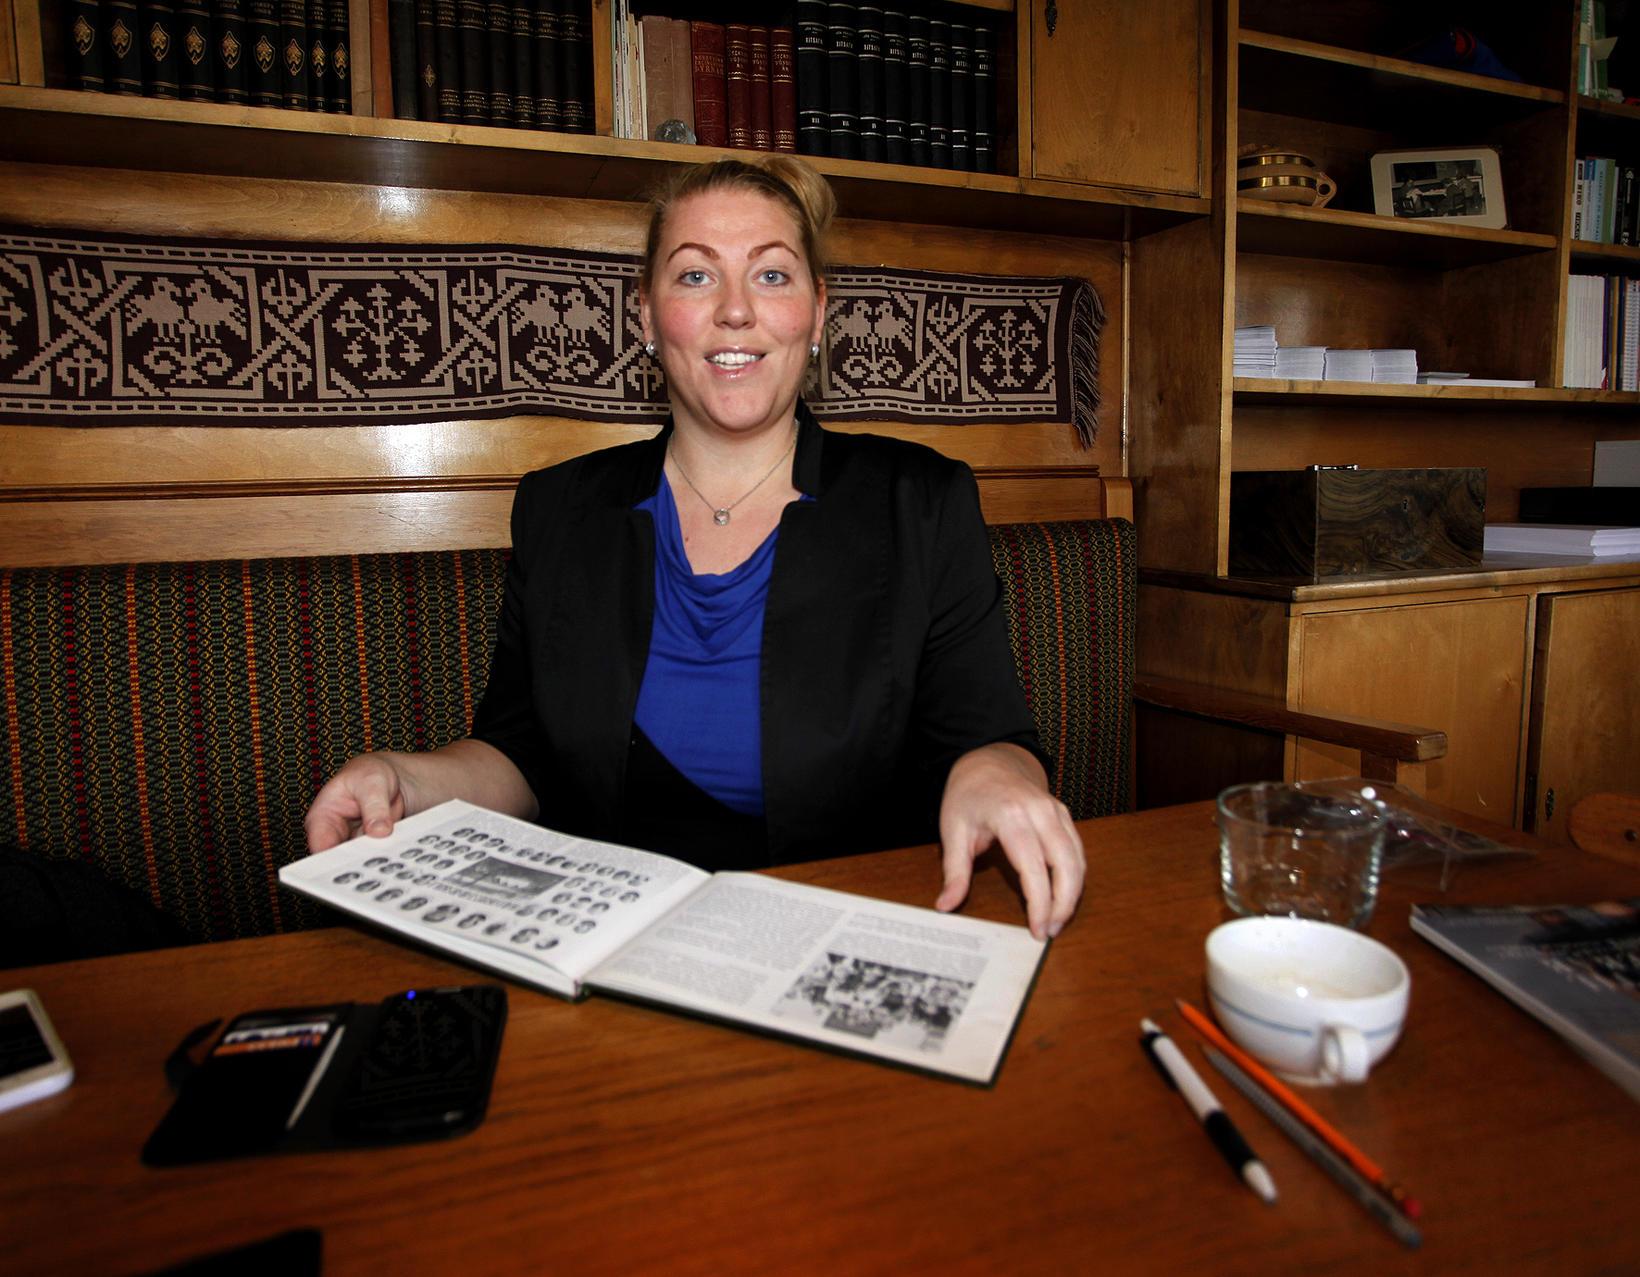 Bryndís Fiona Ford skólameistari er spennt fyrir vetrarstarfi skólans.